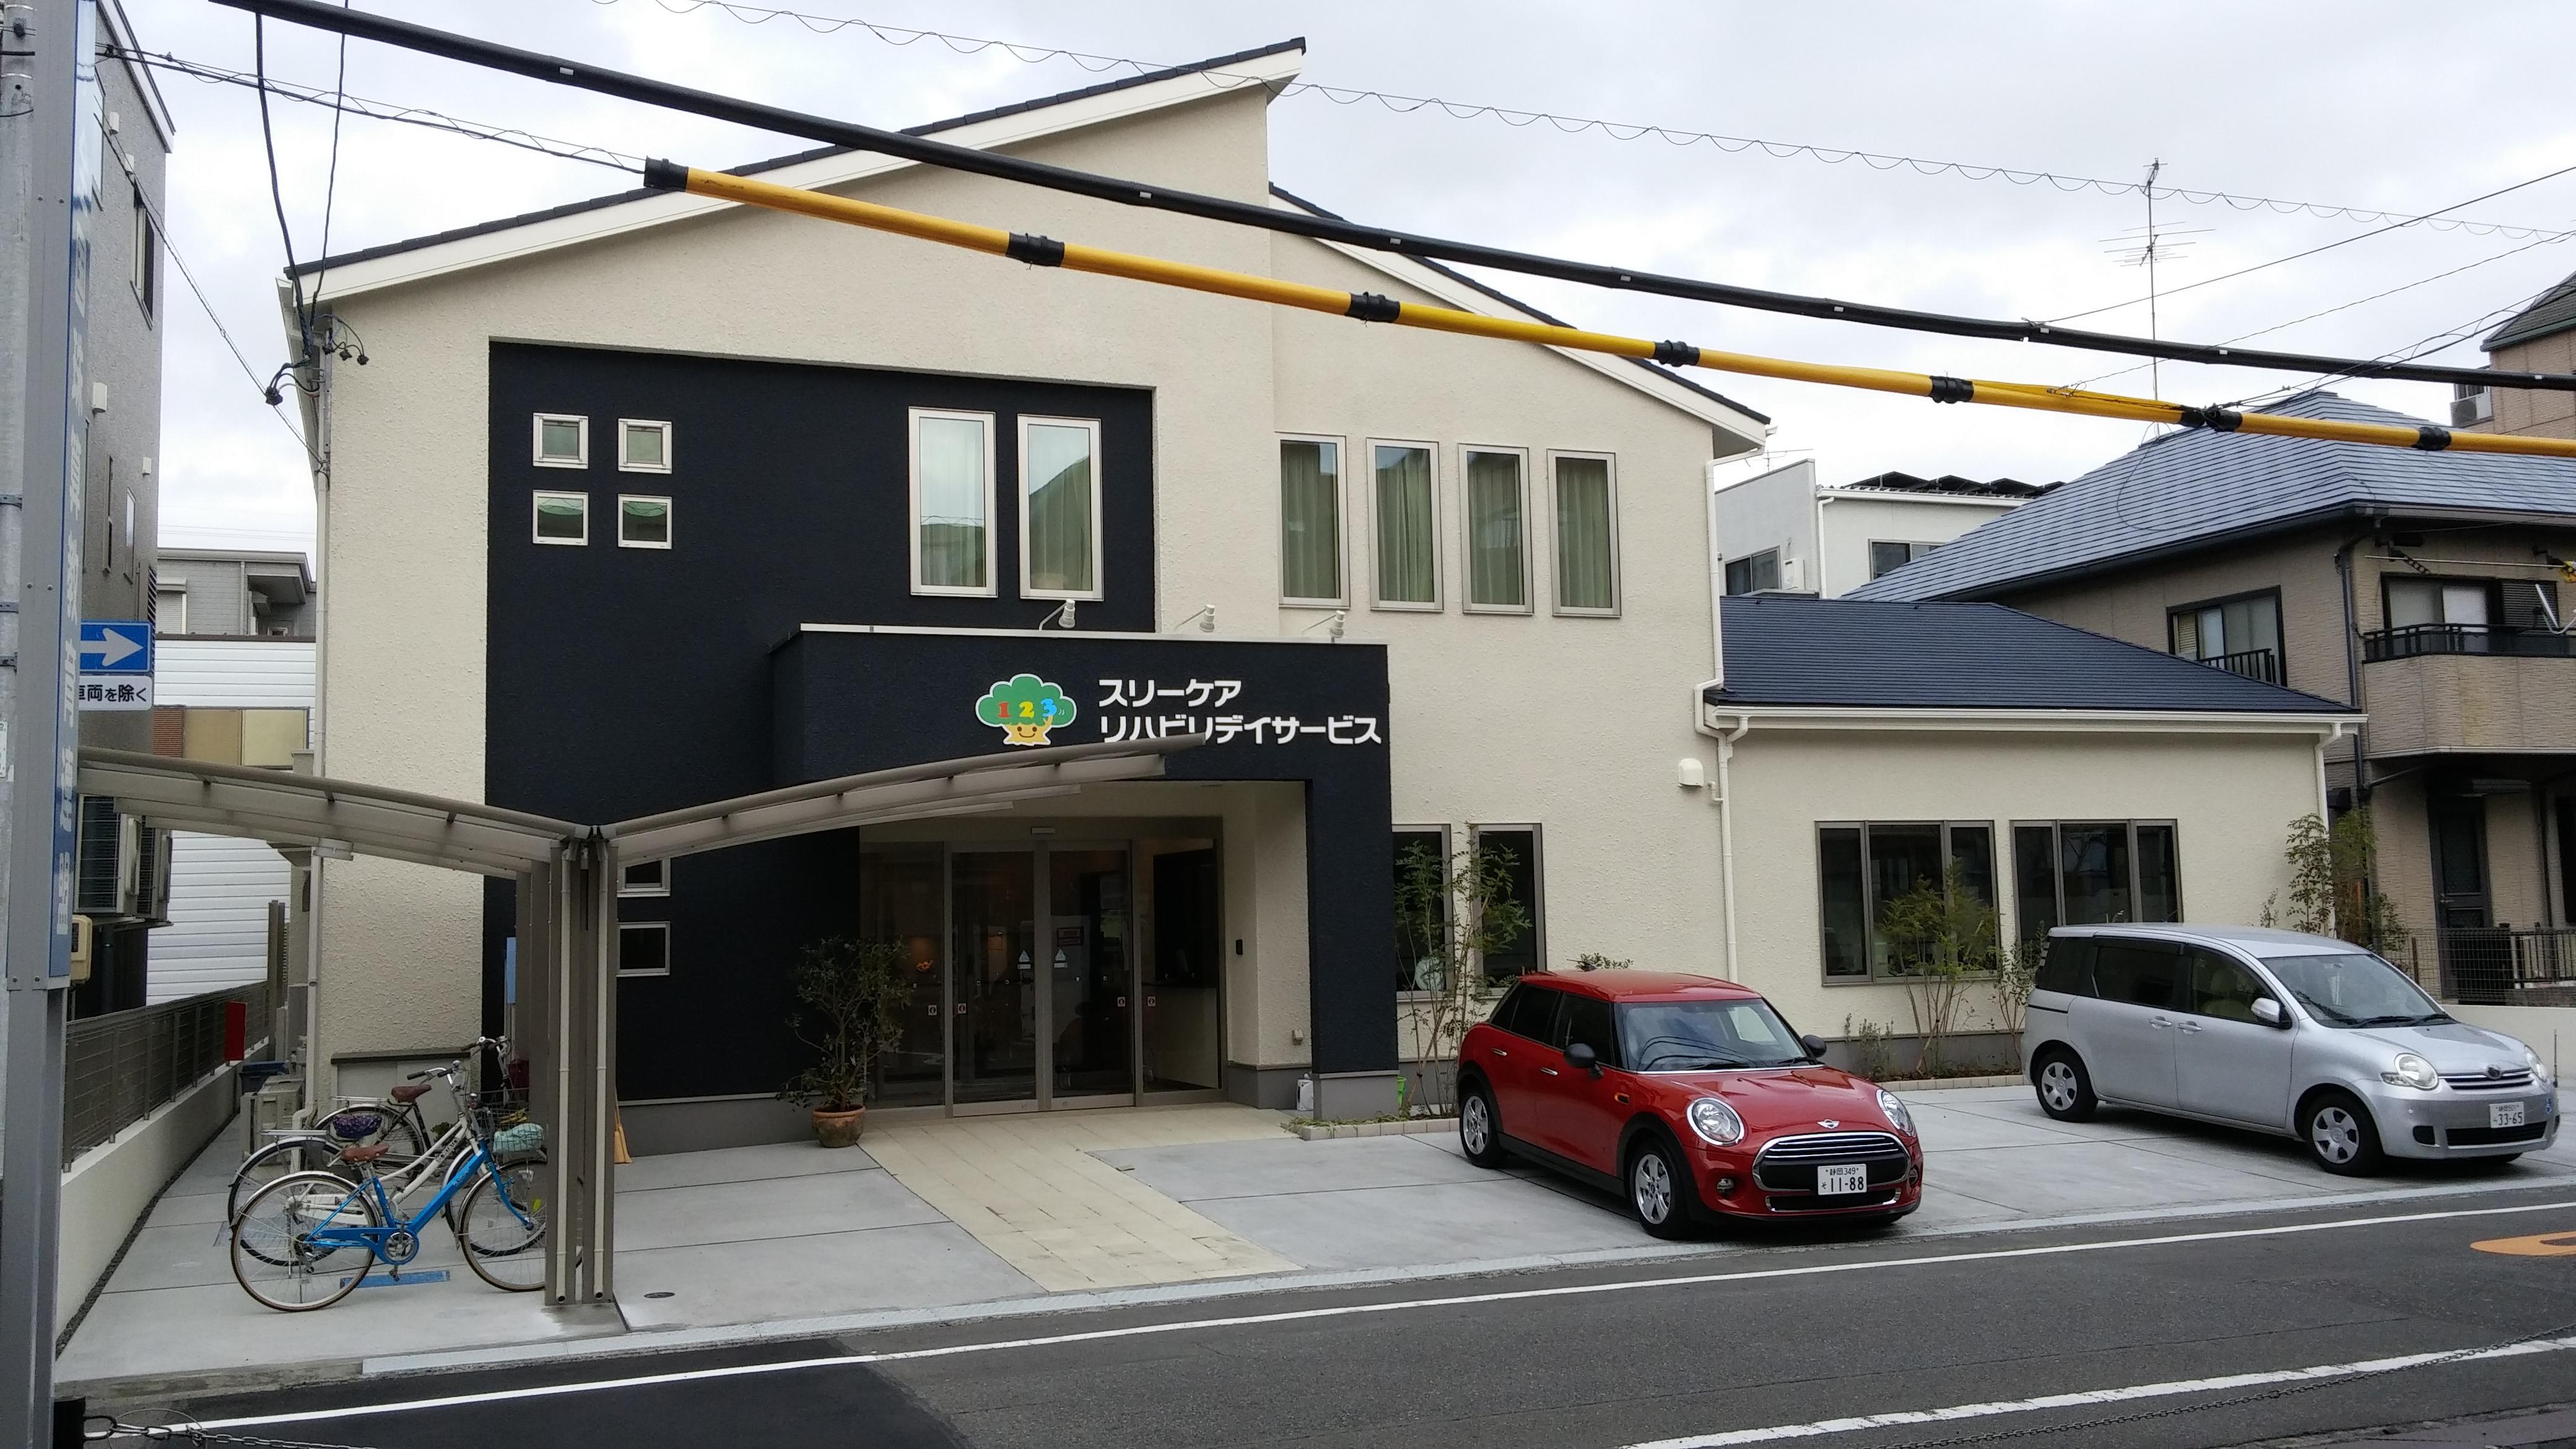 1601月田様デイサービス併用住宅 駿河区 石神 .jpg